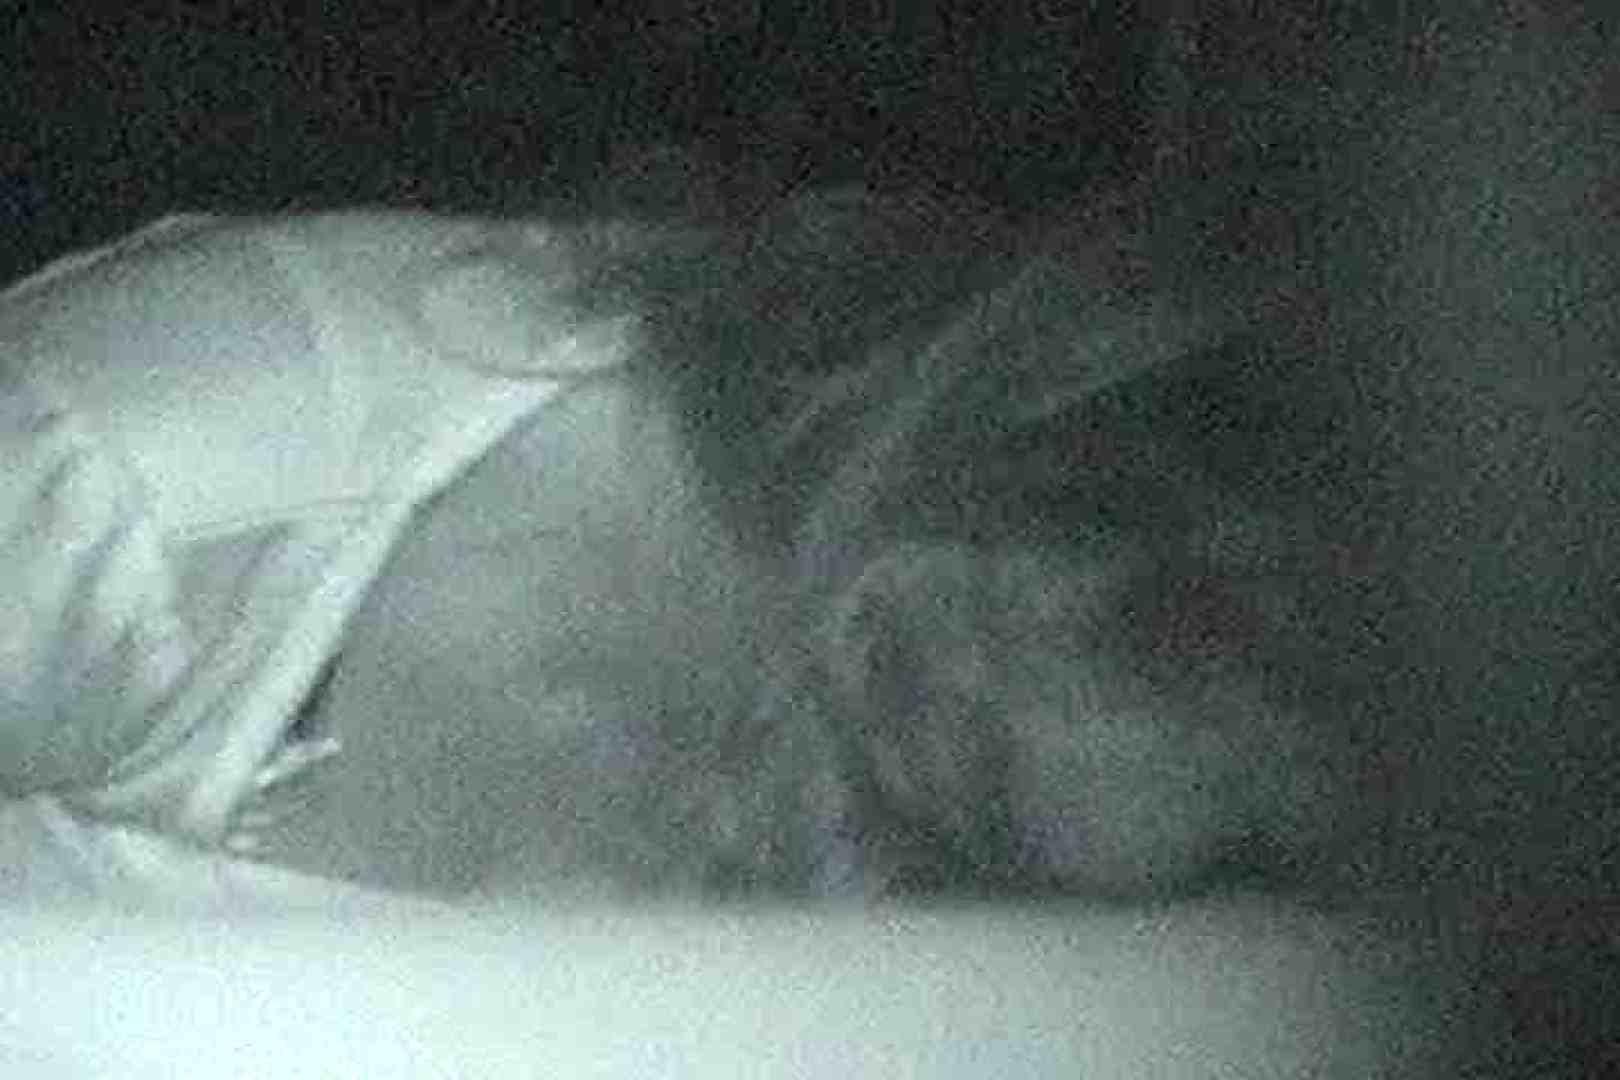 充血監督の深夜の運動会Vol.21 カップル覗き すけべAV動画紹介 40枚